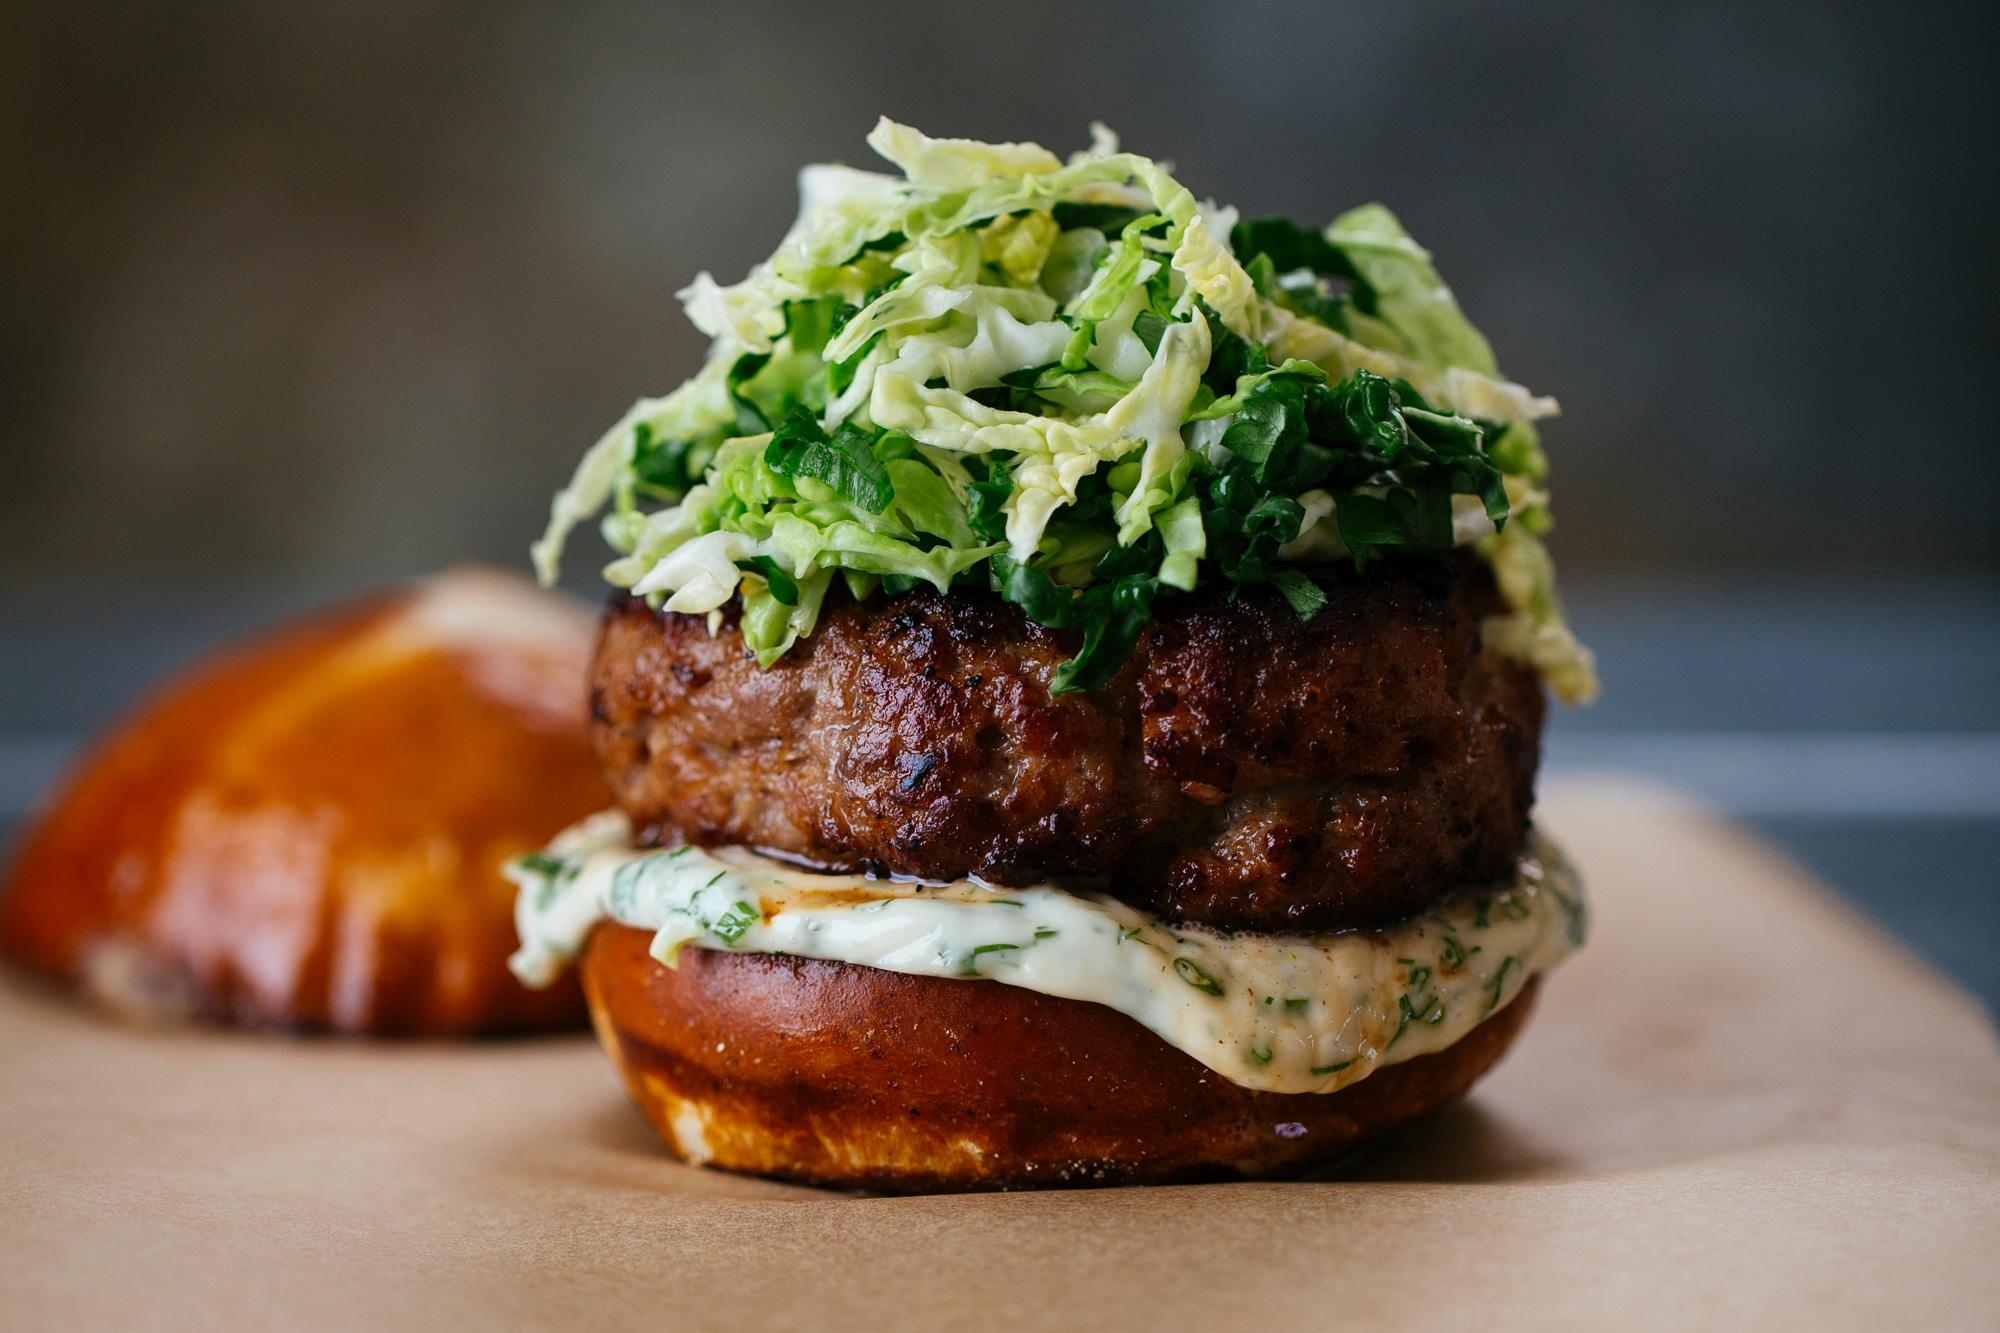 Sweet+Italian+Burger-3.jpg